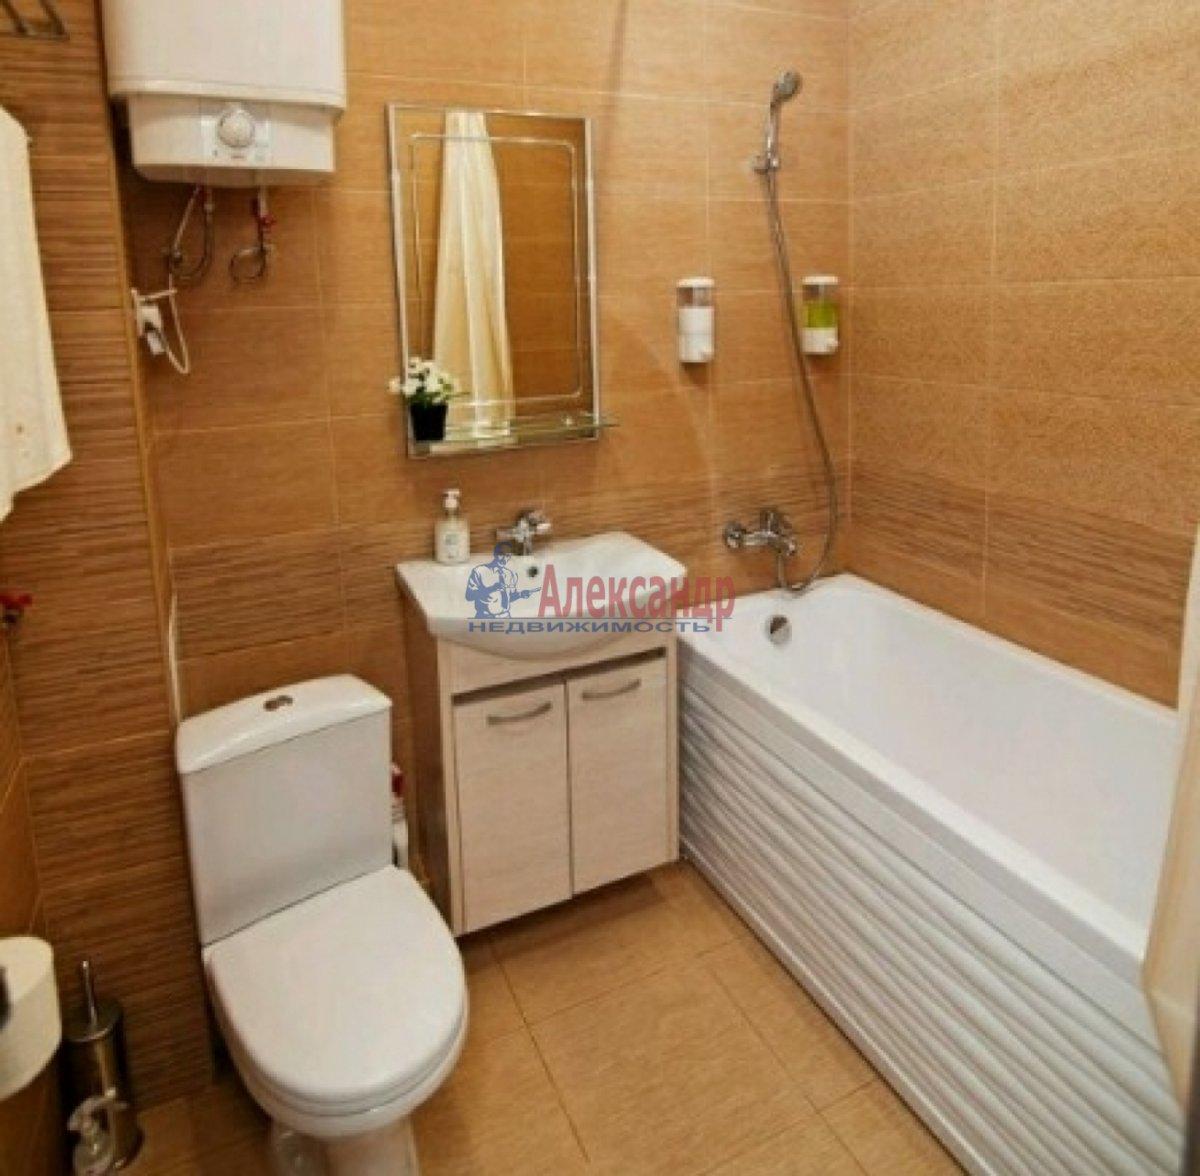 2-комнатная квартира (50м2) в аренду по адресу Богатырский пр., 50— фото 8 из 9